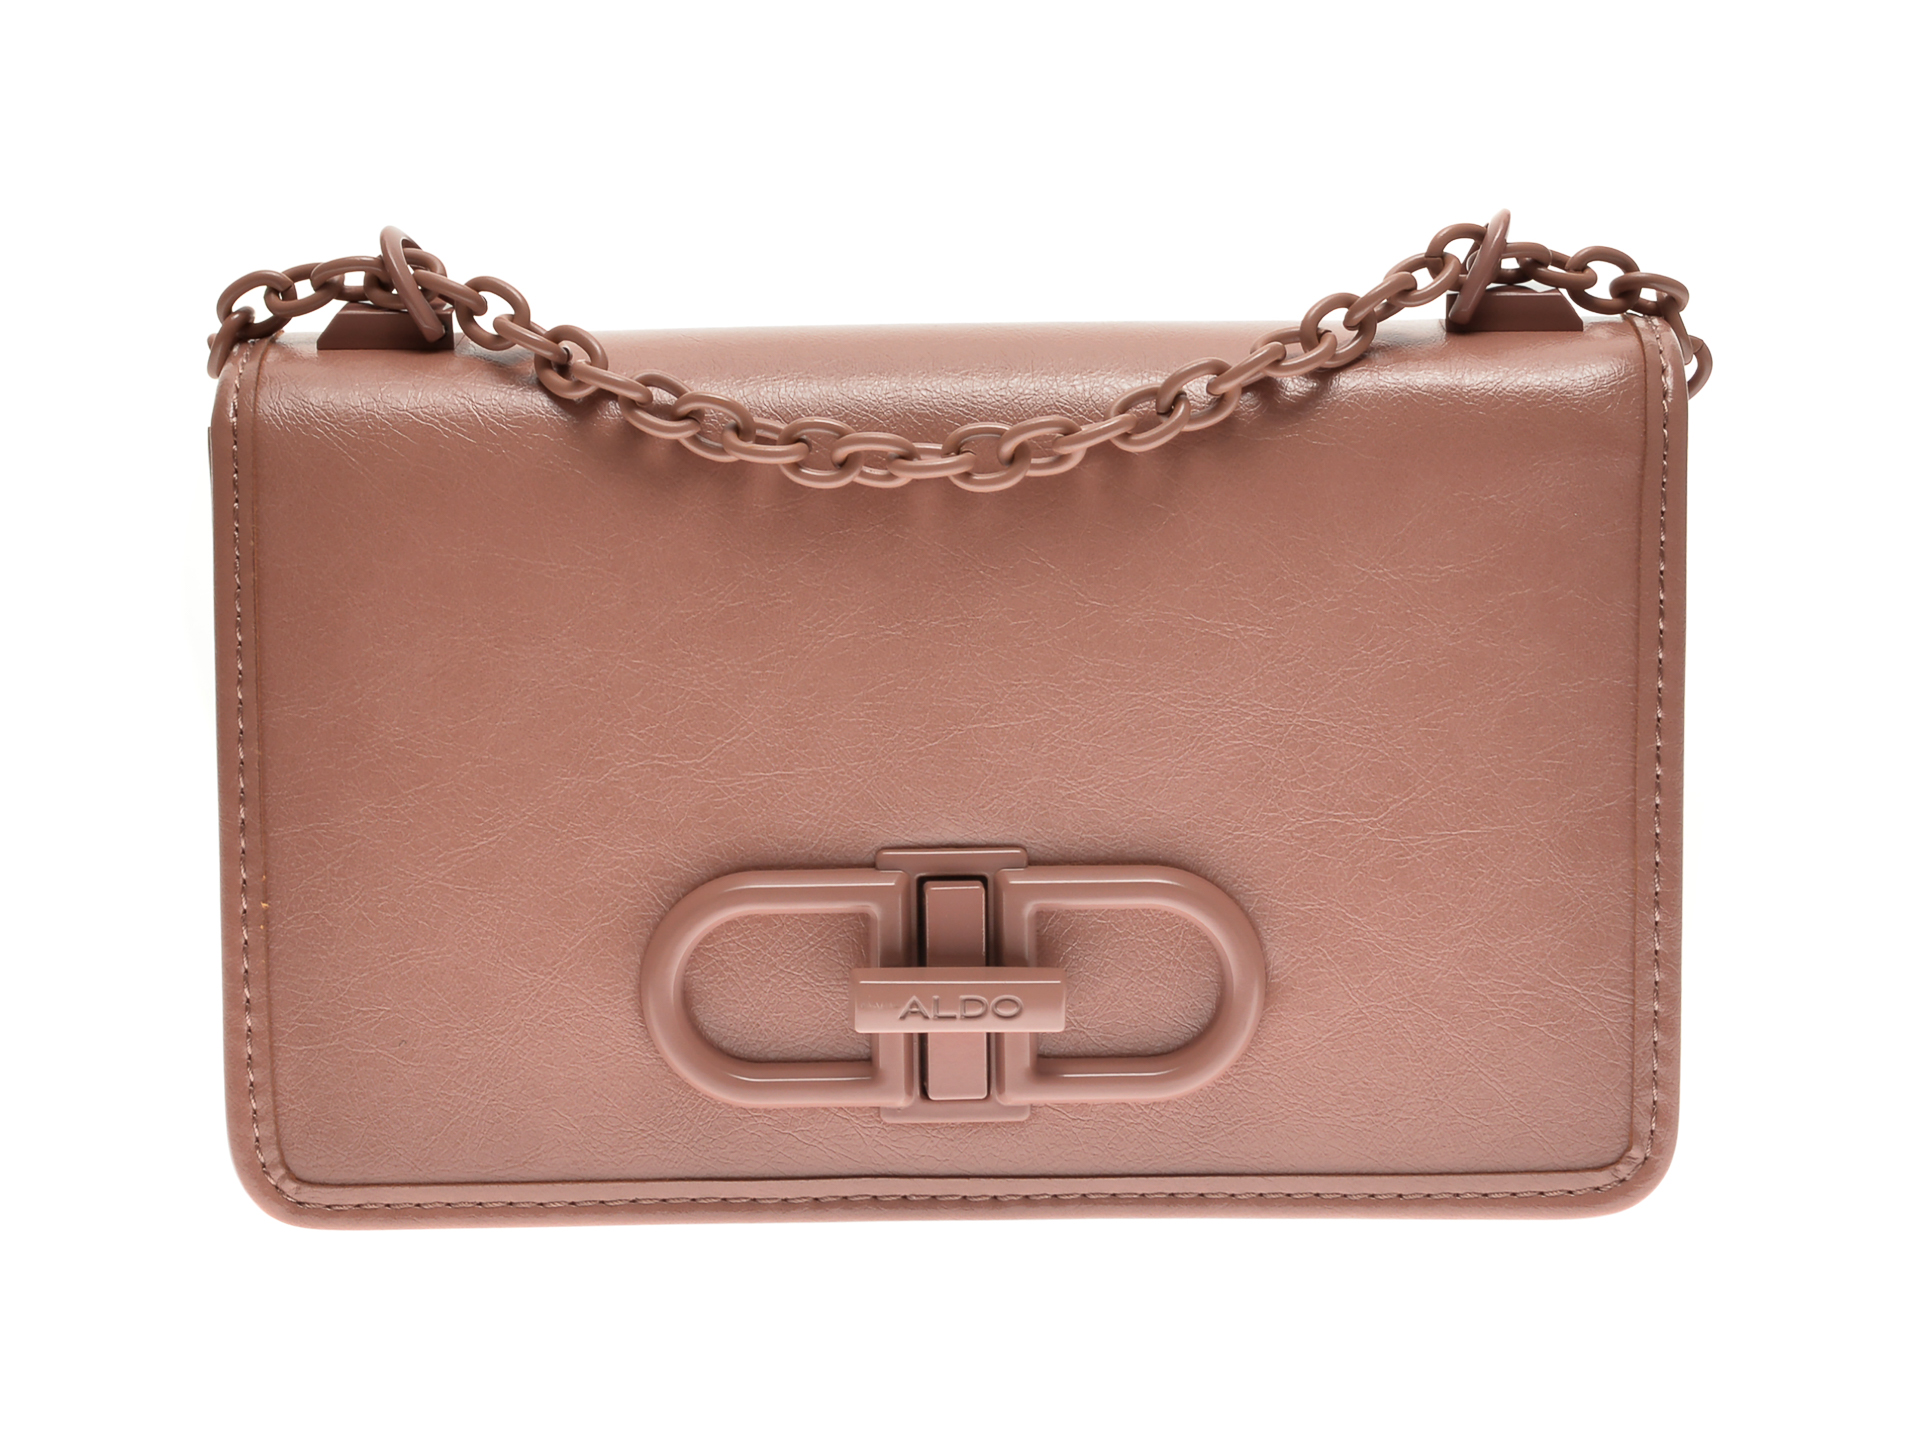 Poseta ALDO roz, Ocerran690, din piele ecologica imagine